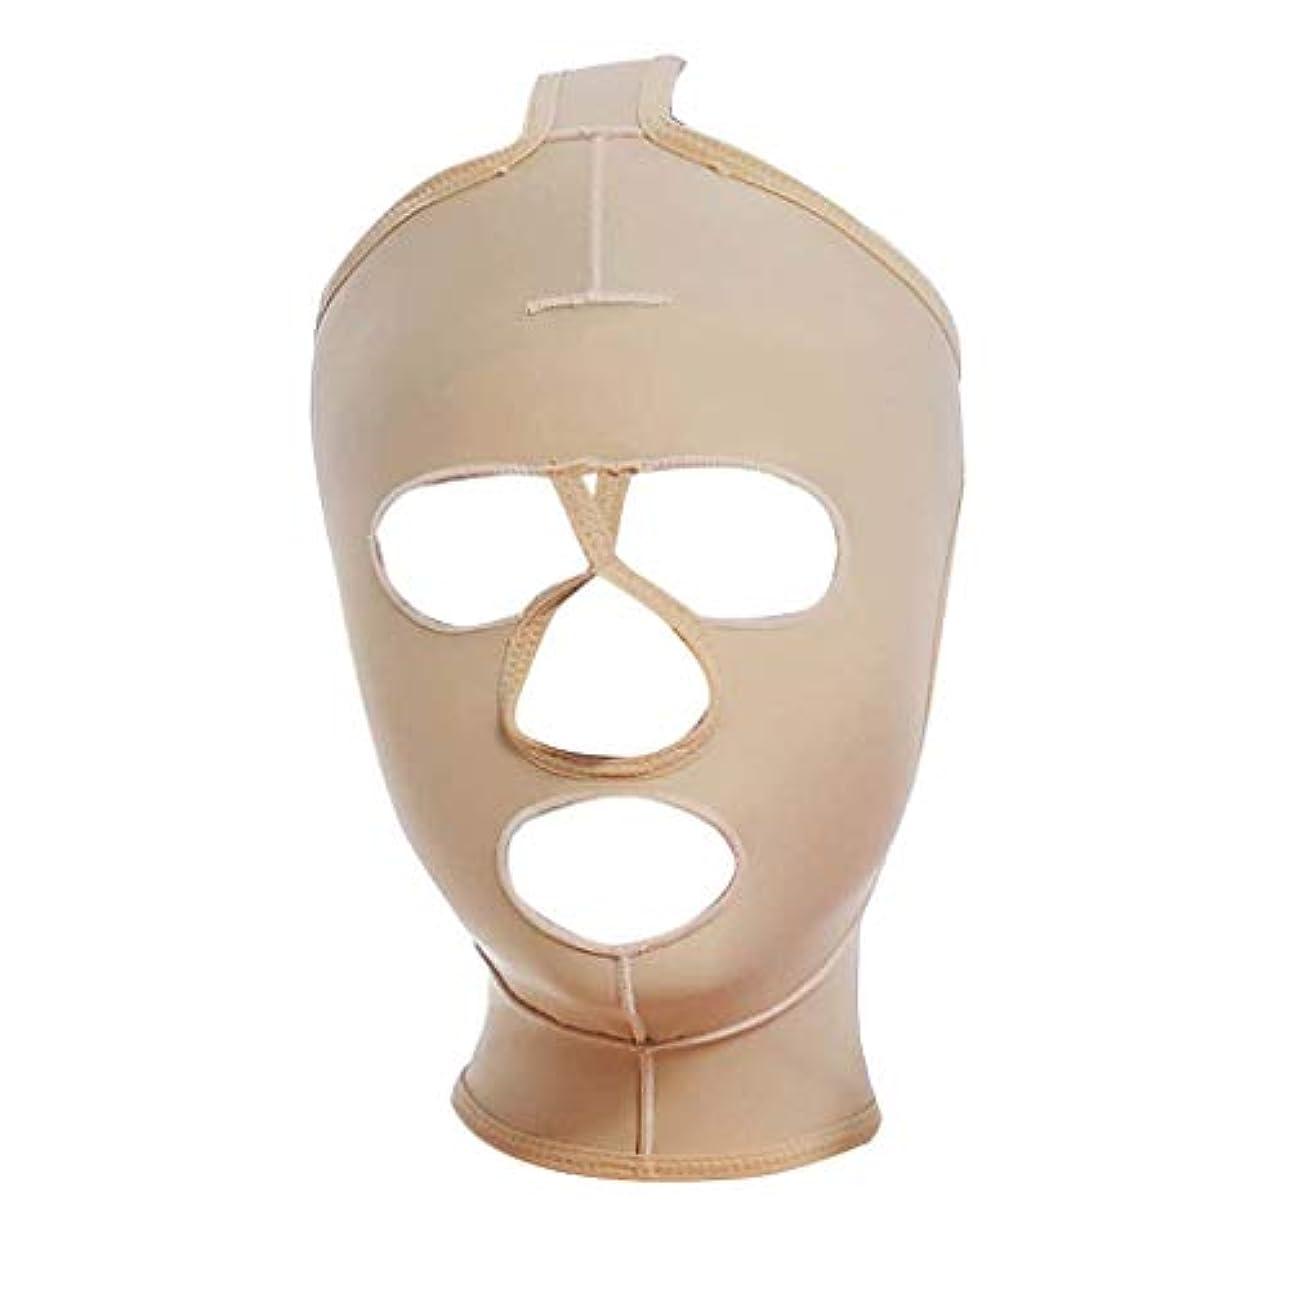 お母さんカナダ近くフェイス&ネックリフト、減量フェイスマスク脂肪吸引術脂肪吸引術整形マスクフードフェイスリフティングアーティファクトVフェイスビームフェイス弾性スリーブ(サイズ:XXL),XXL